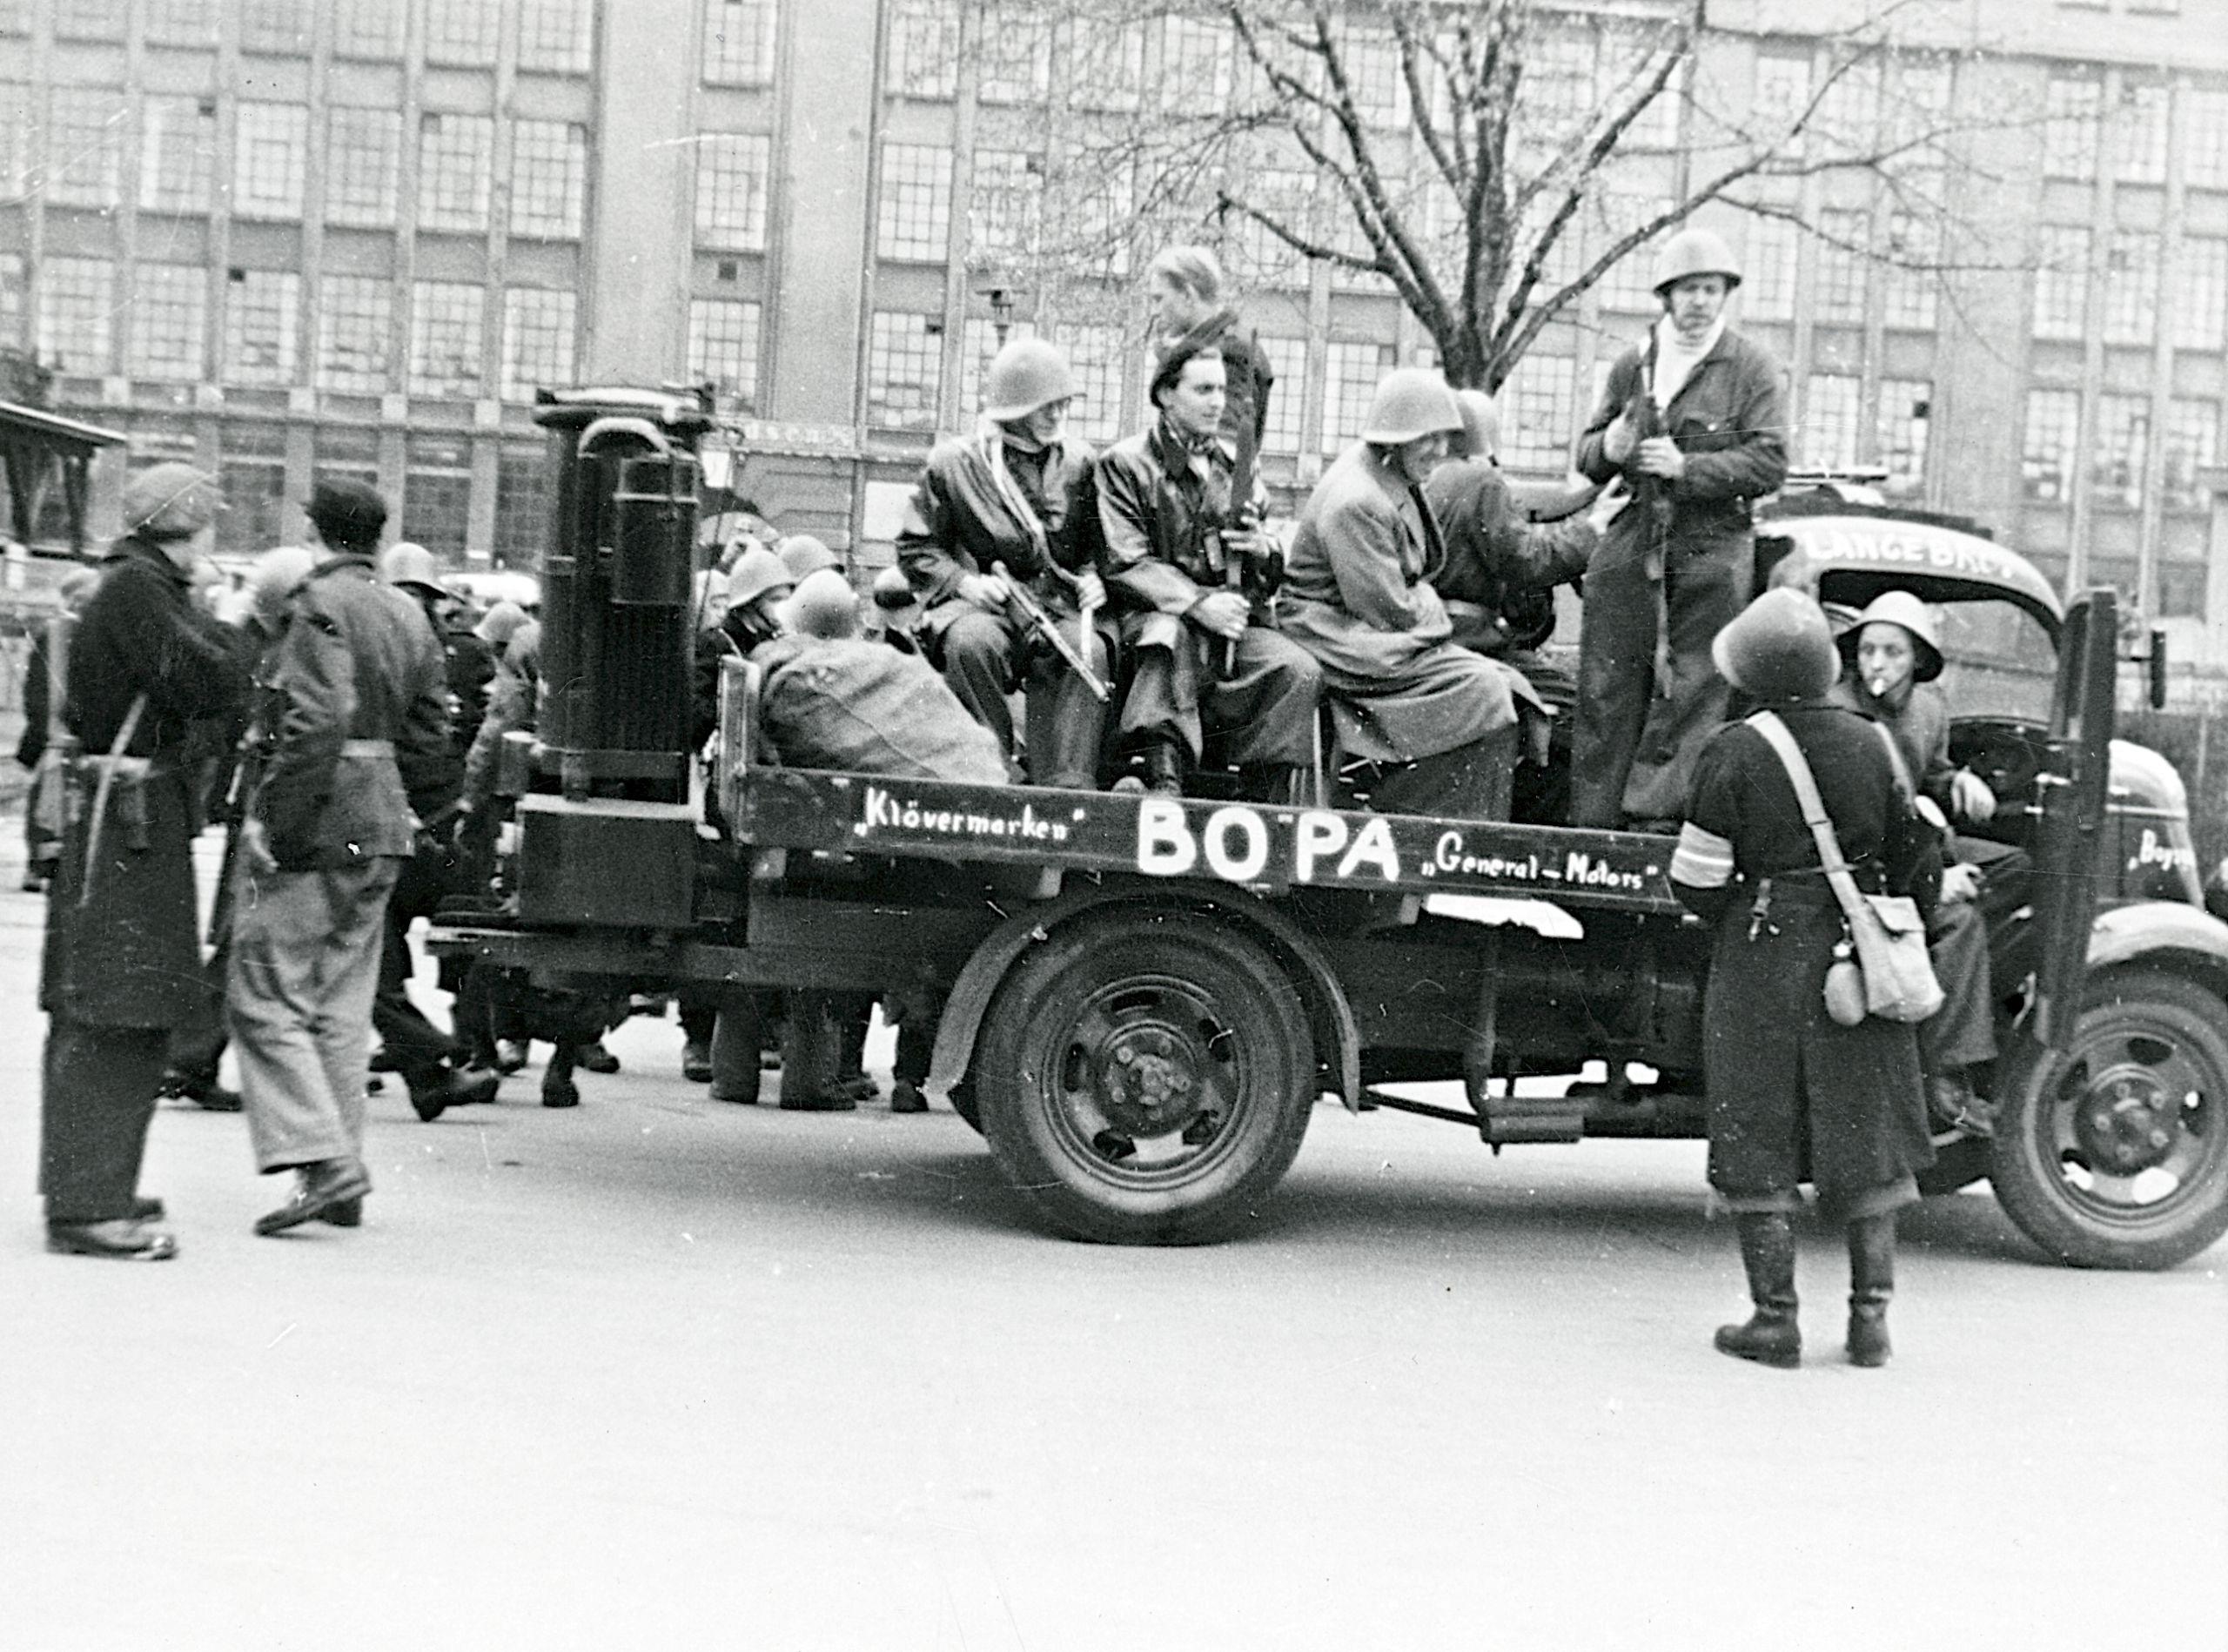 Modstandsgrupper: BOPA